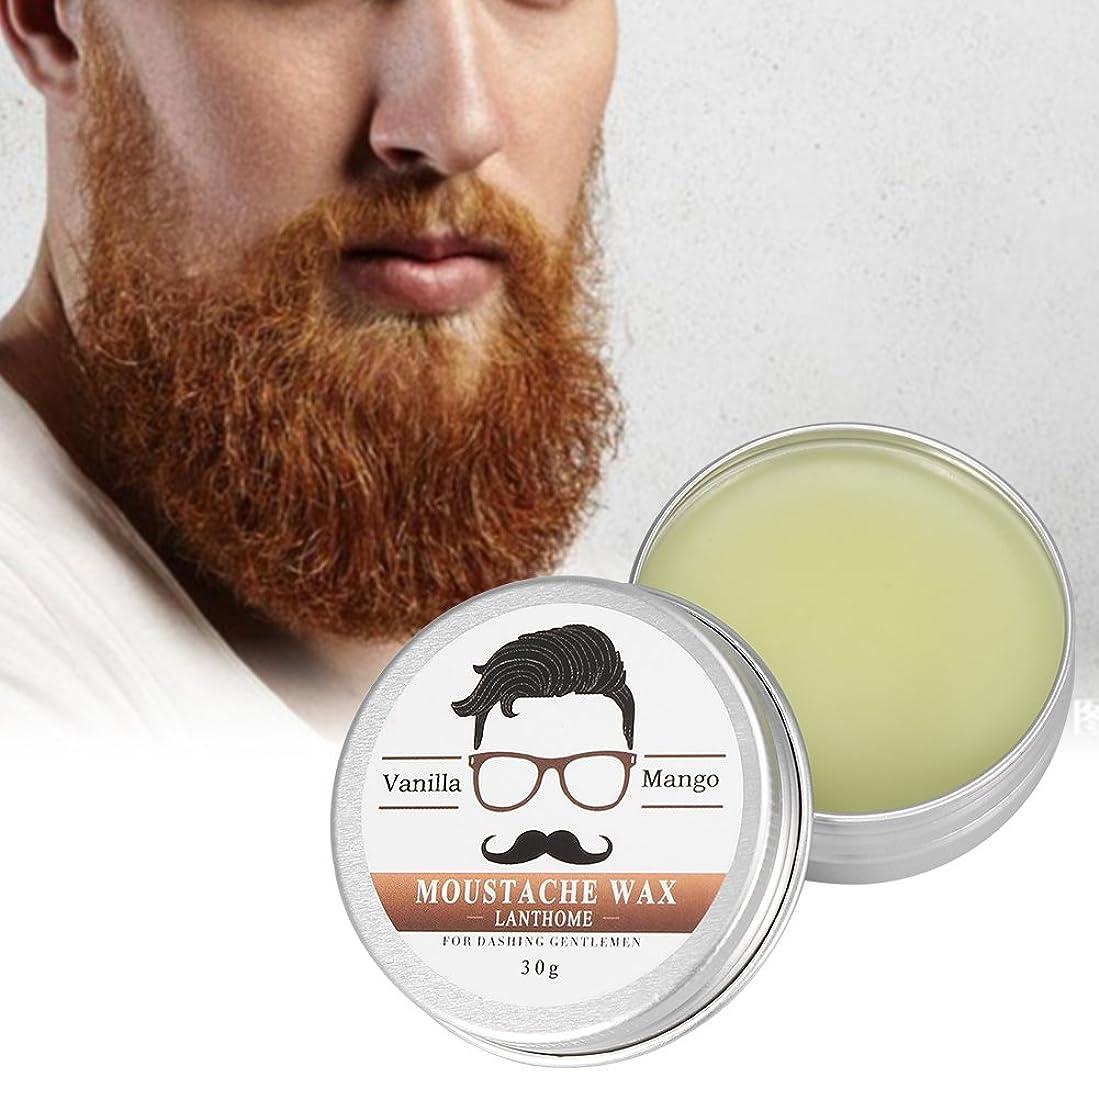 言い換えるとディレクタービアードワックス ひげクリーム 口髭用 ワックス バーム 男性用 保湿 滋養 ひげ根 ケア